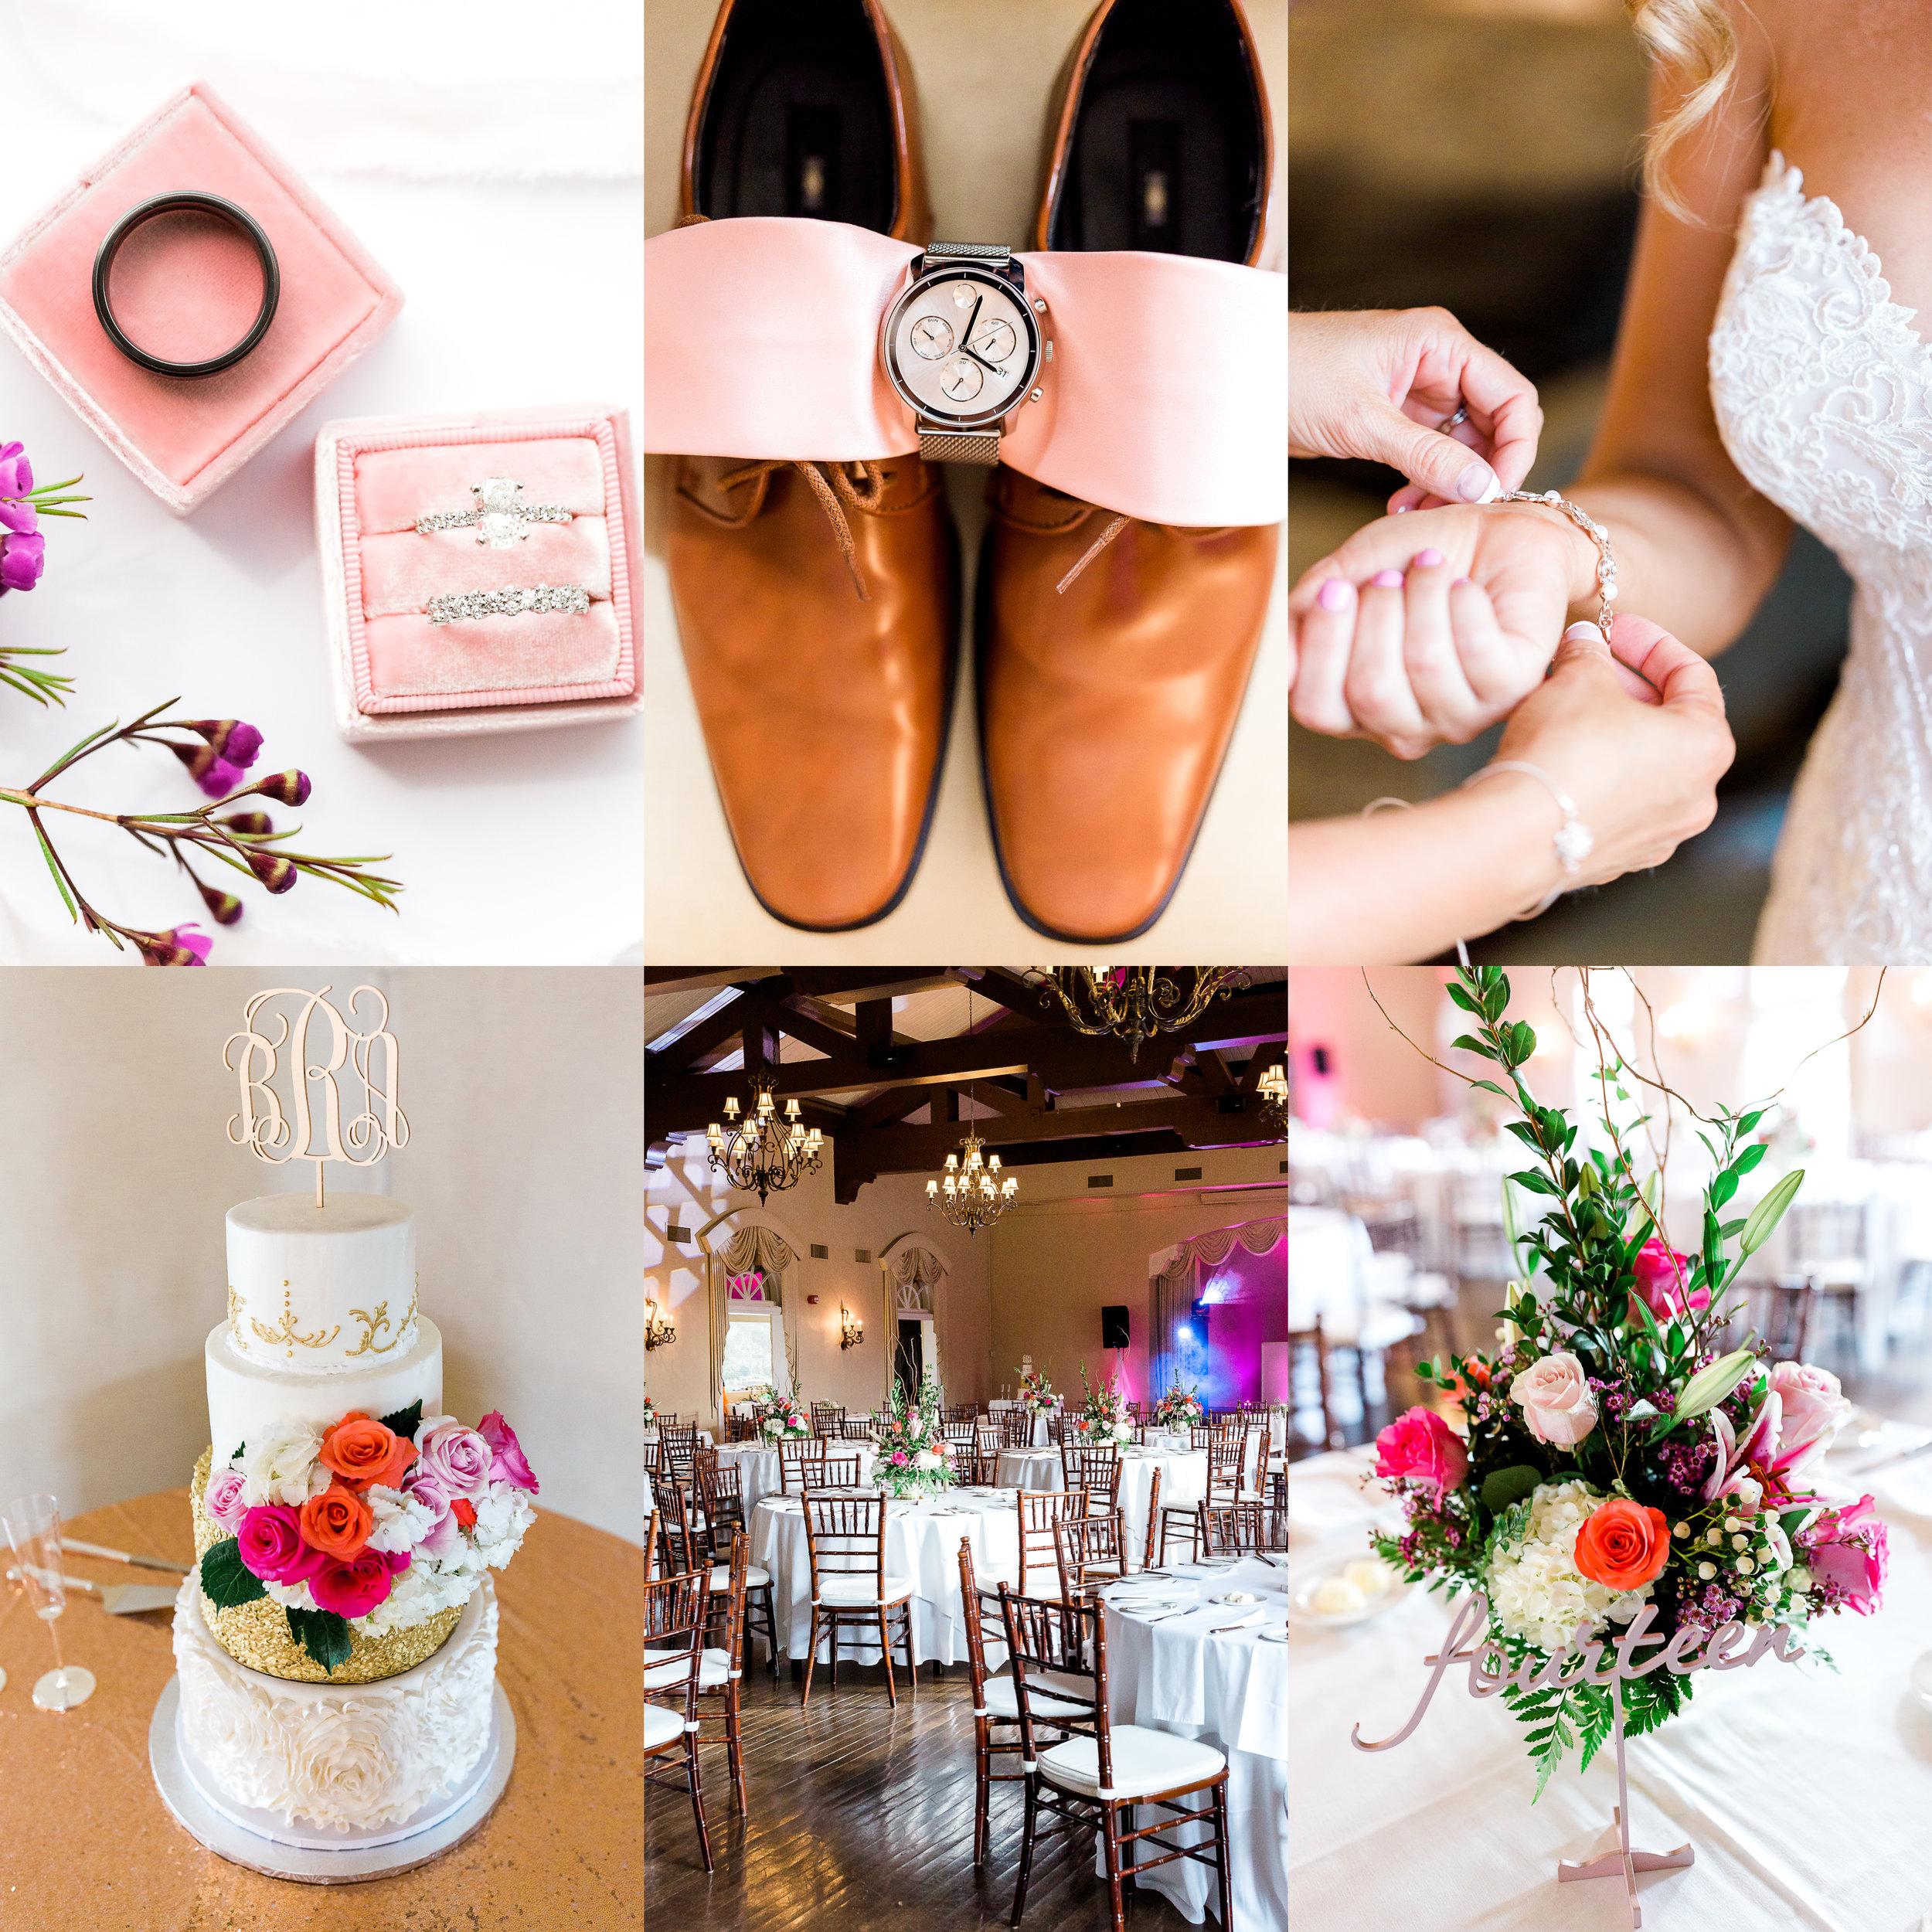 wedding details from the florida yacht club wedding.jpg